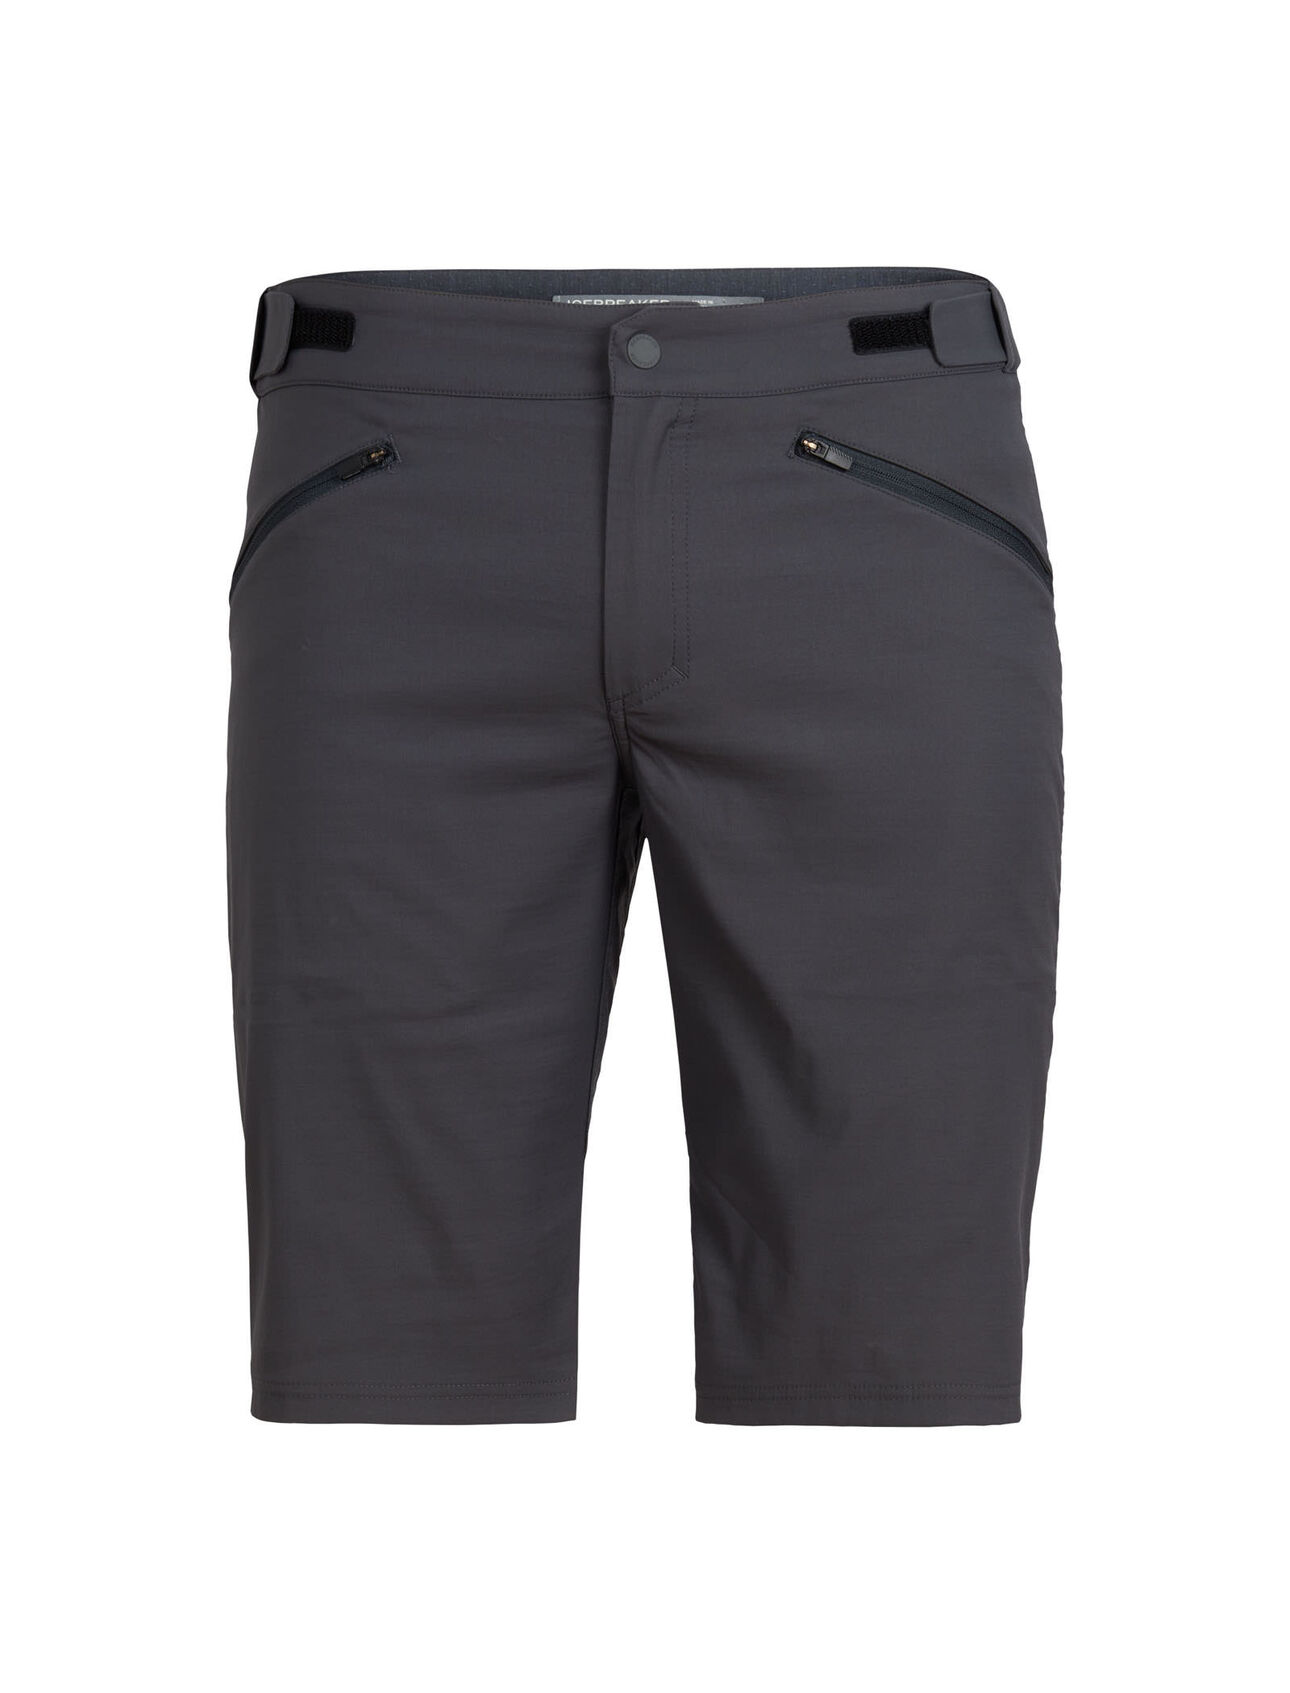 a588ddc095 Persist Shorts - Icebreaker (CA)